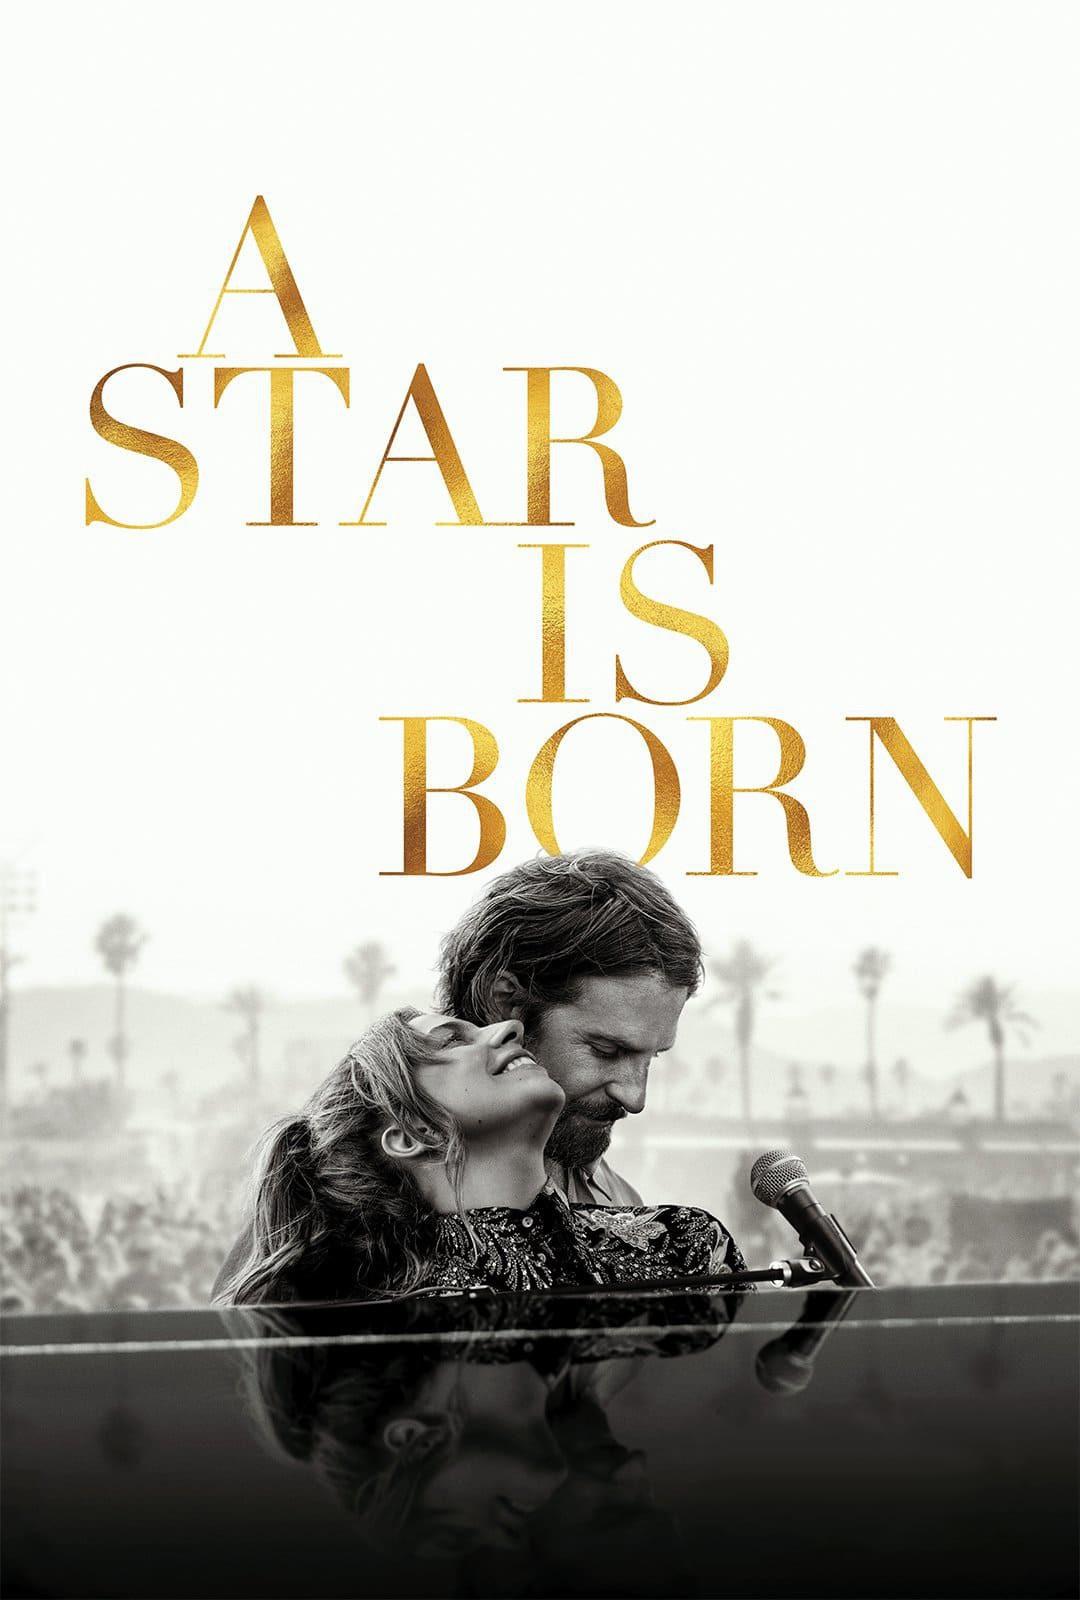 V. o. sott. ita a star is born